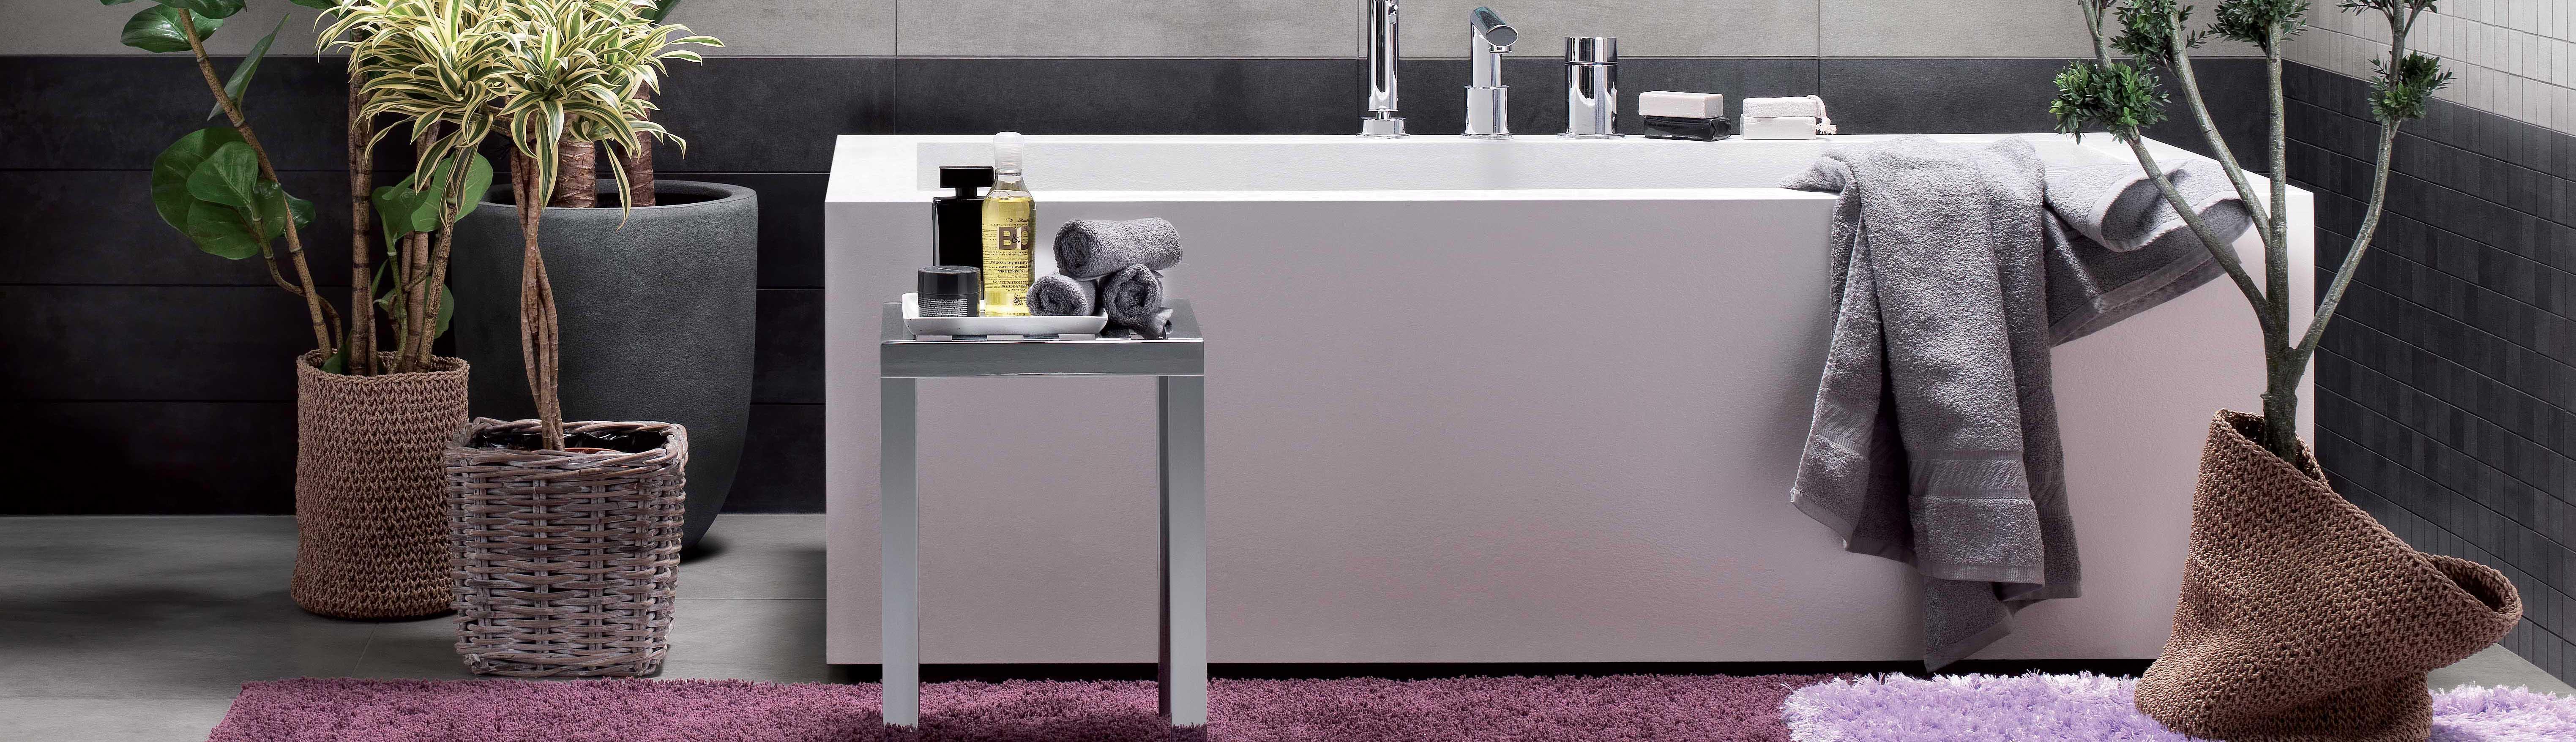 145231aadbe01 Inšpirujte sa: 10 dizajnov kúpeľne | Harmony